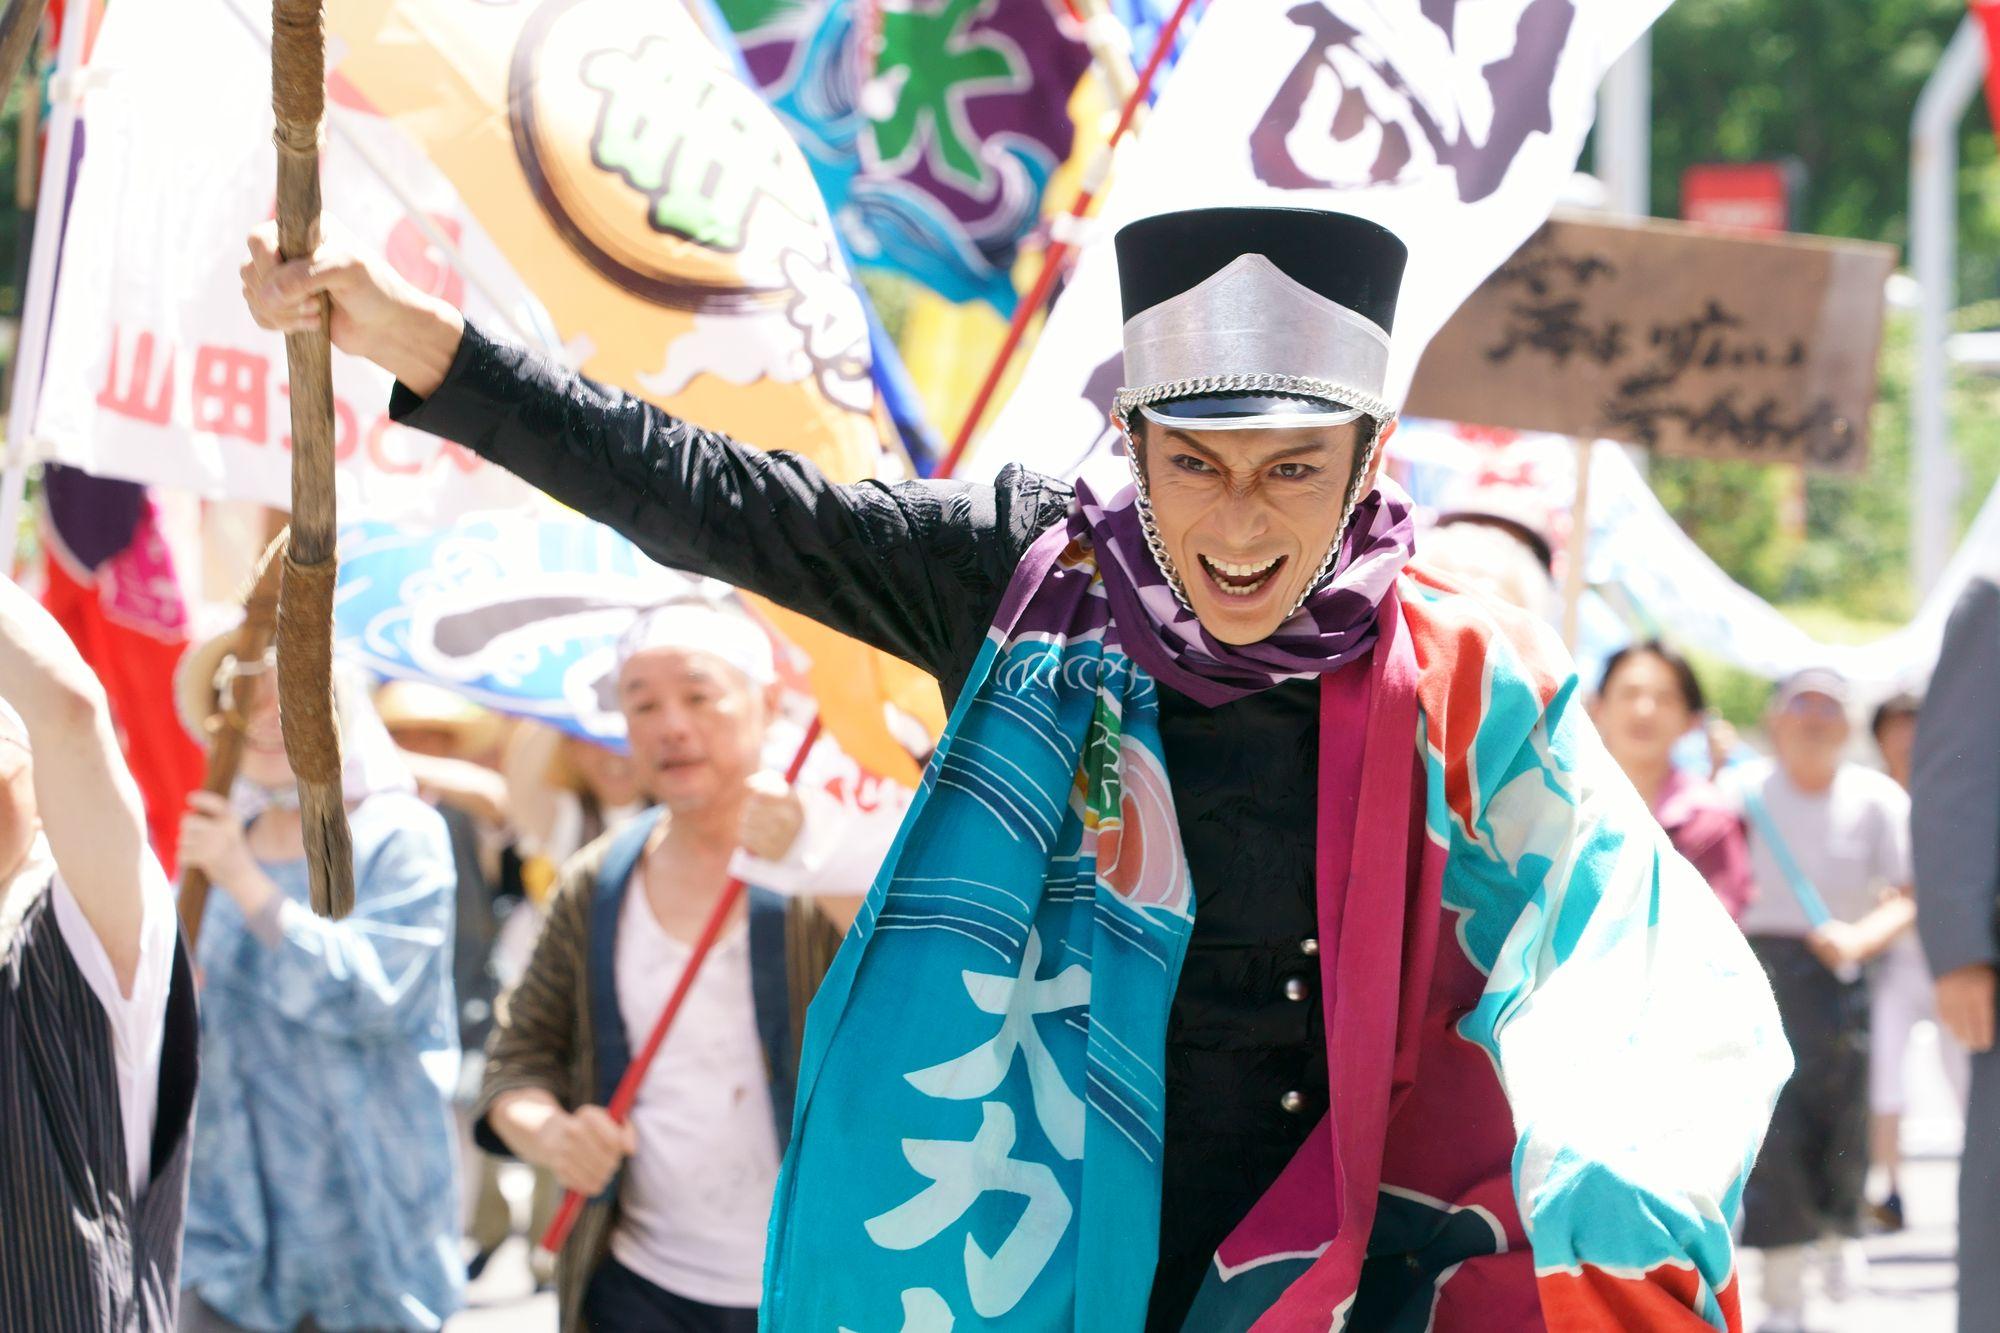 千葉同樣長期被東京壓住,出入亦一樣要通行証,伊勢谷友介是千葉軍團的首領。